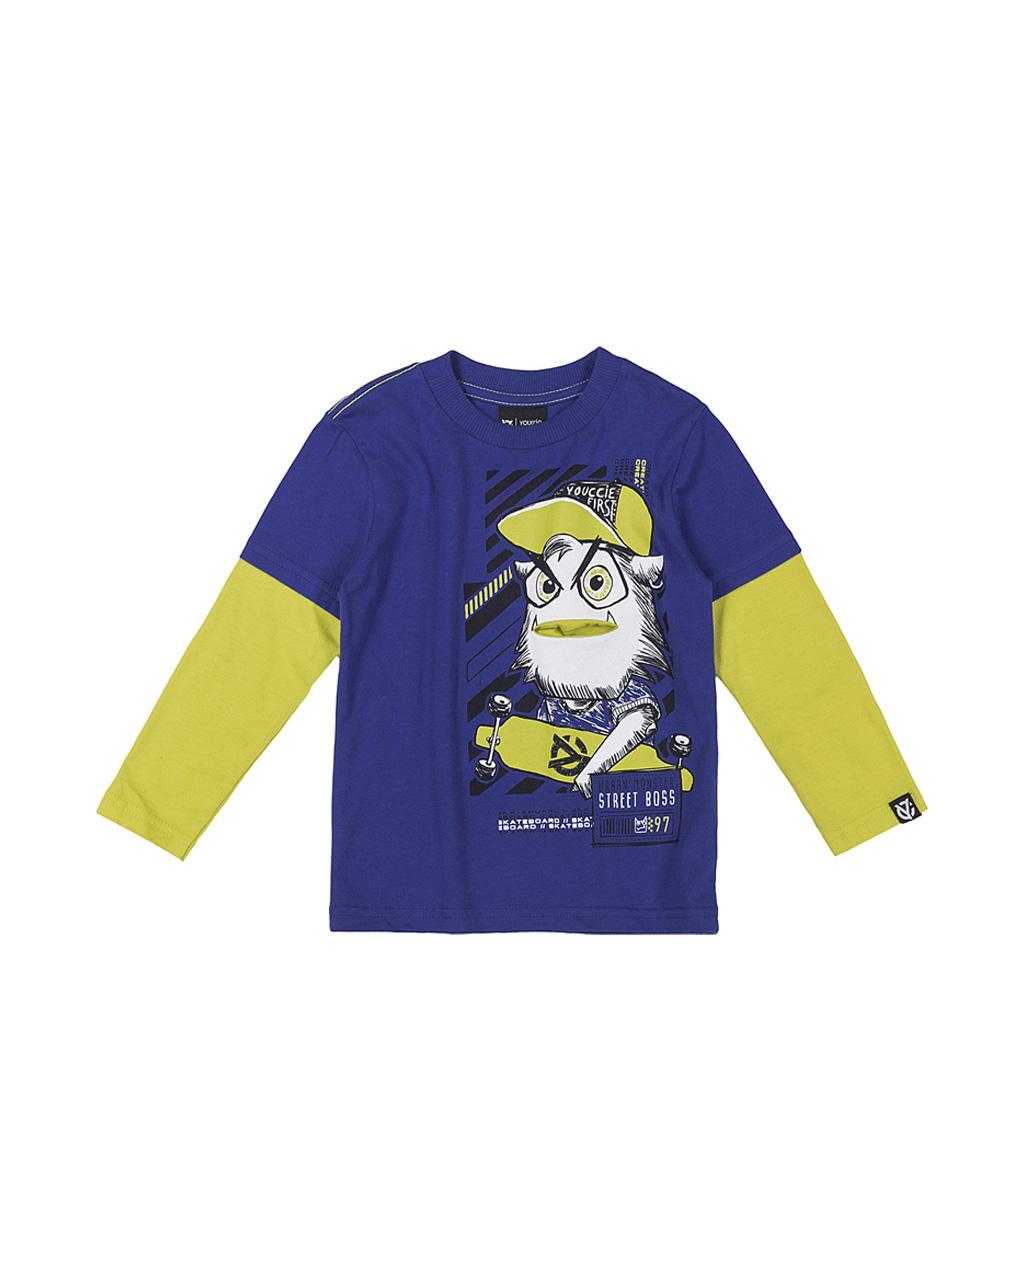 T-Shirt First Sobreposição Royal Mangas Amarelas Boca Interatiiva Youccie